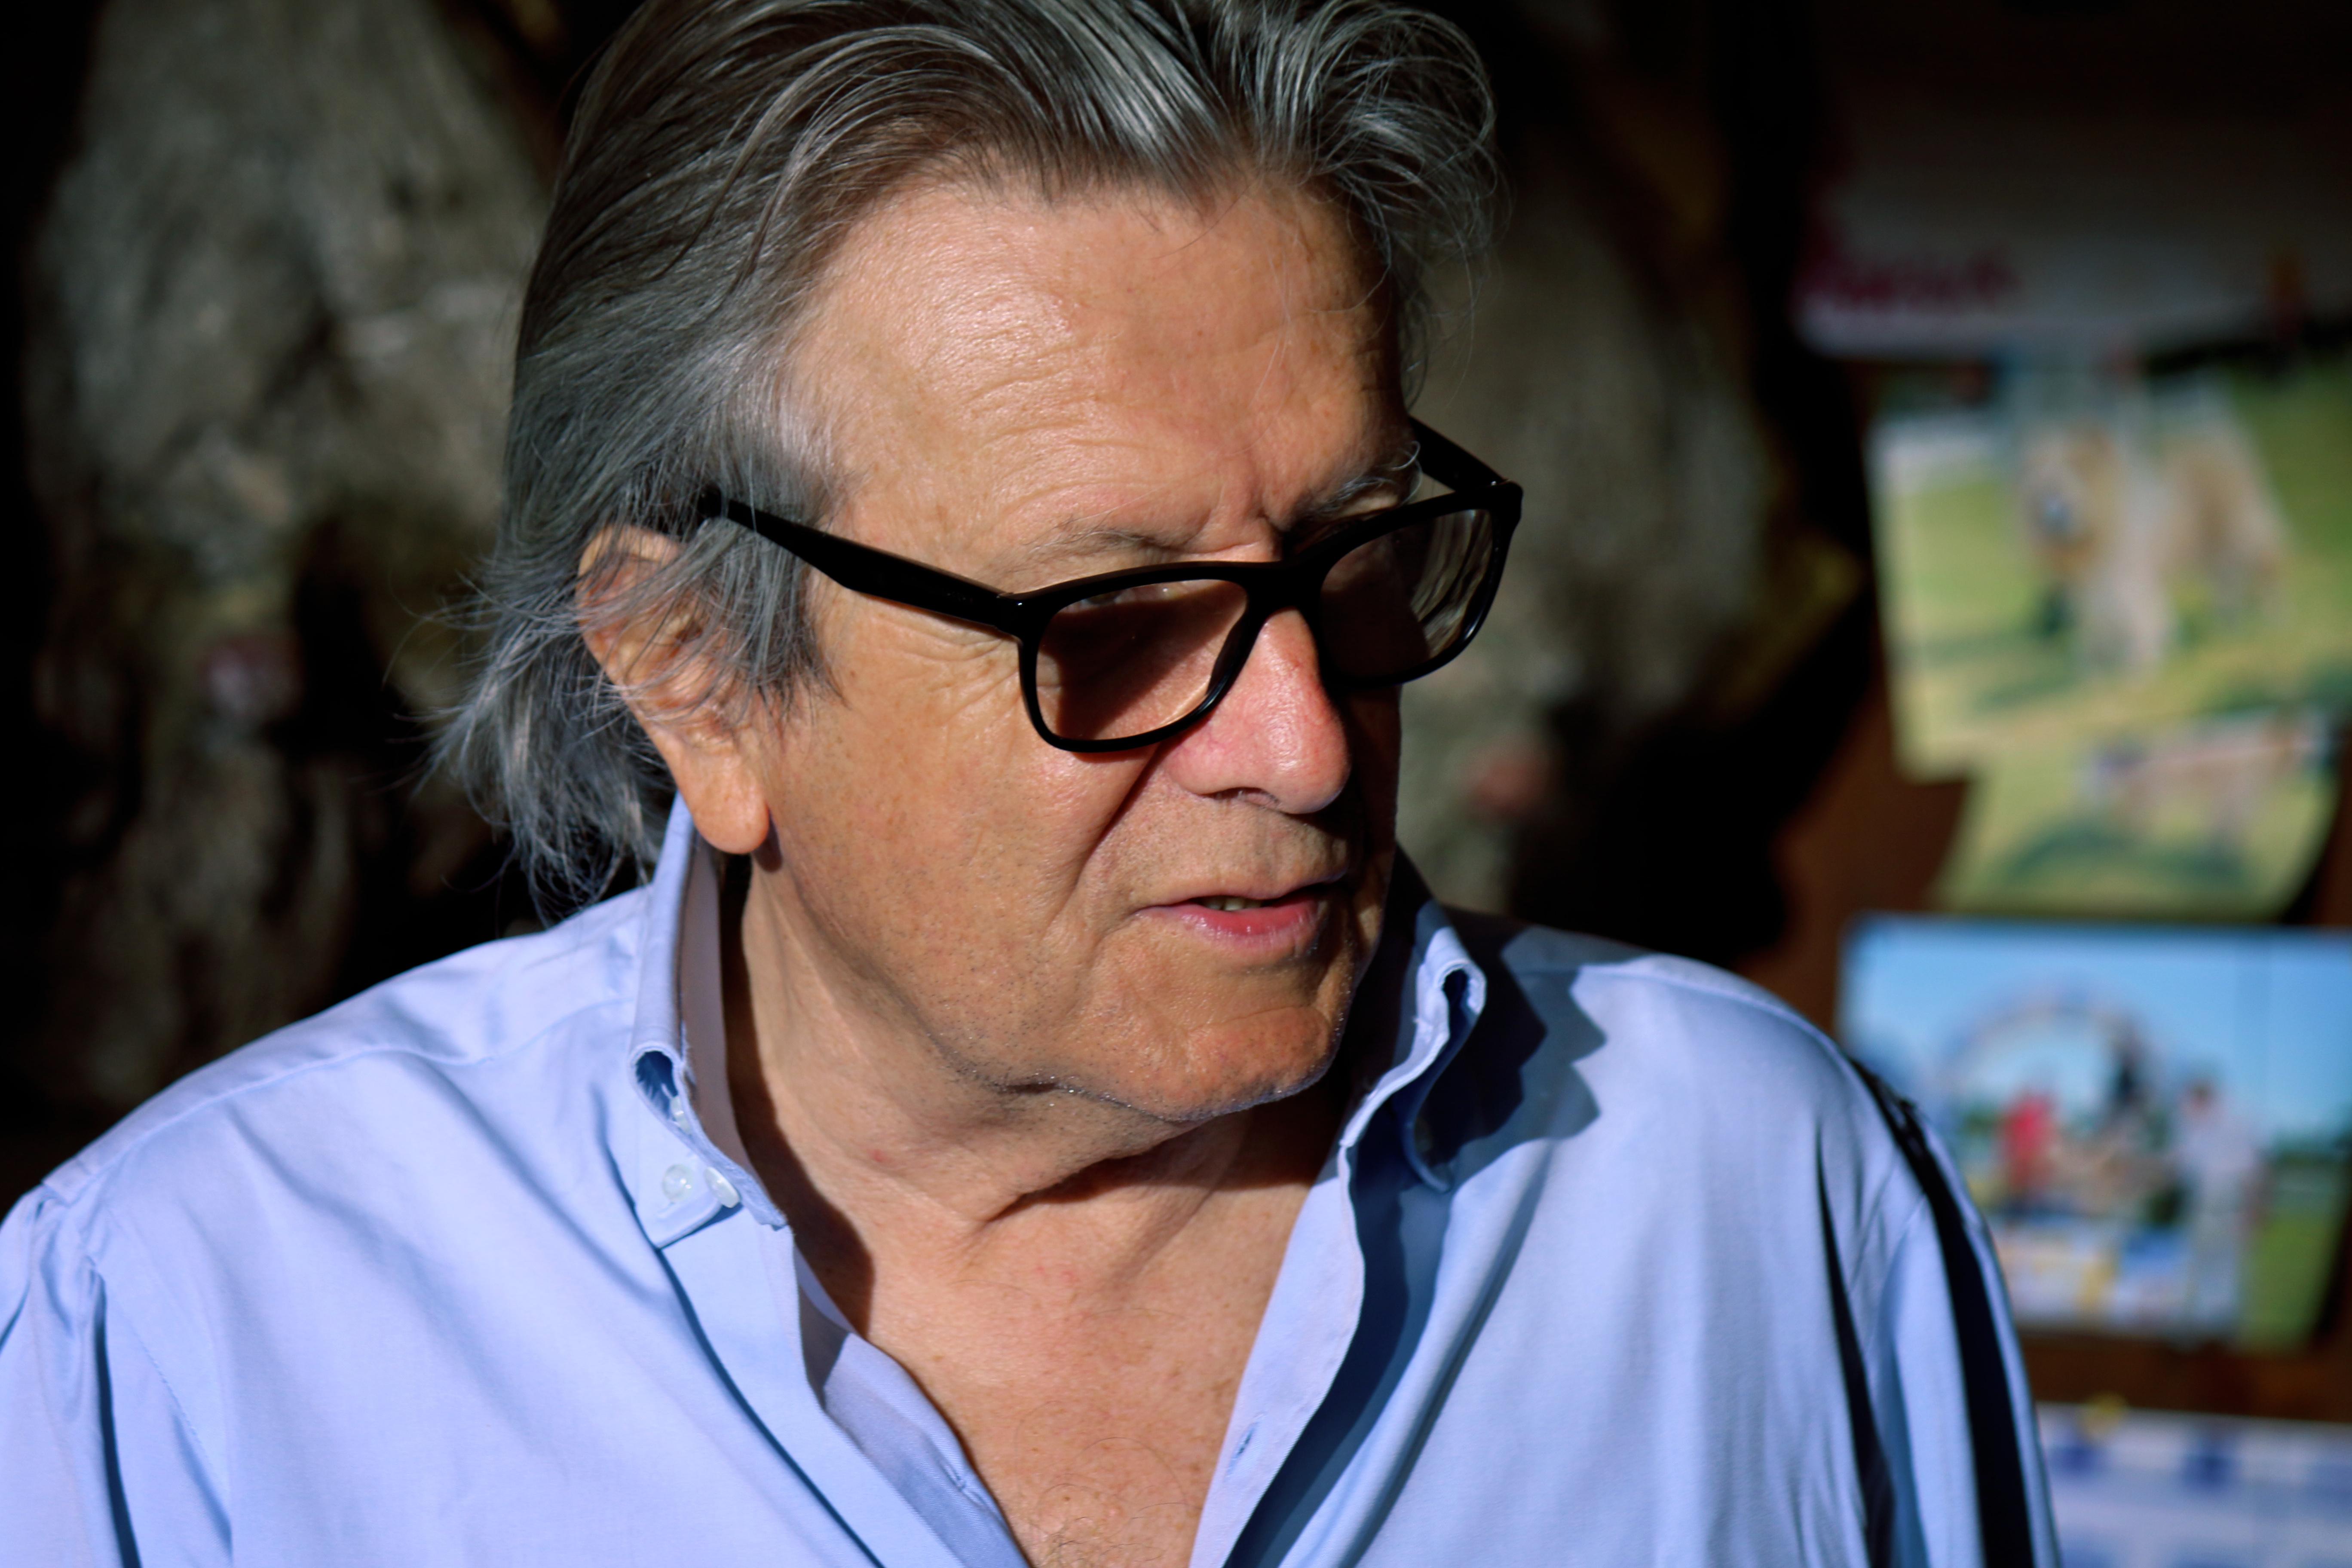 Fabrizio Guarducci